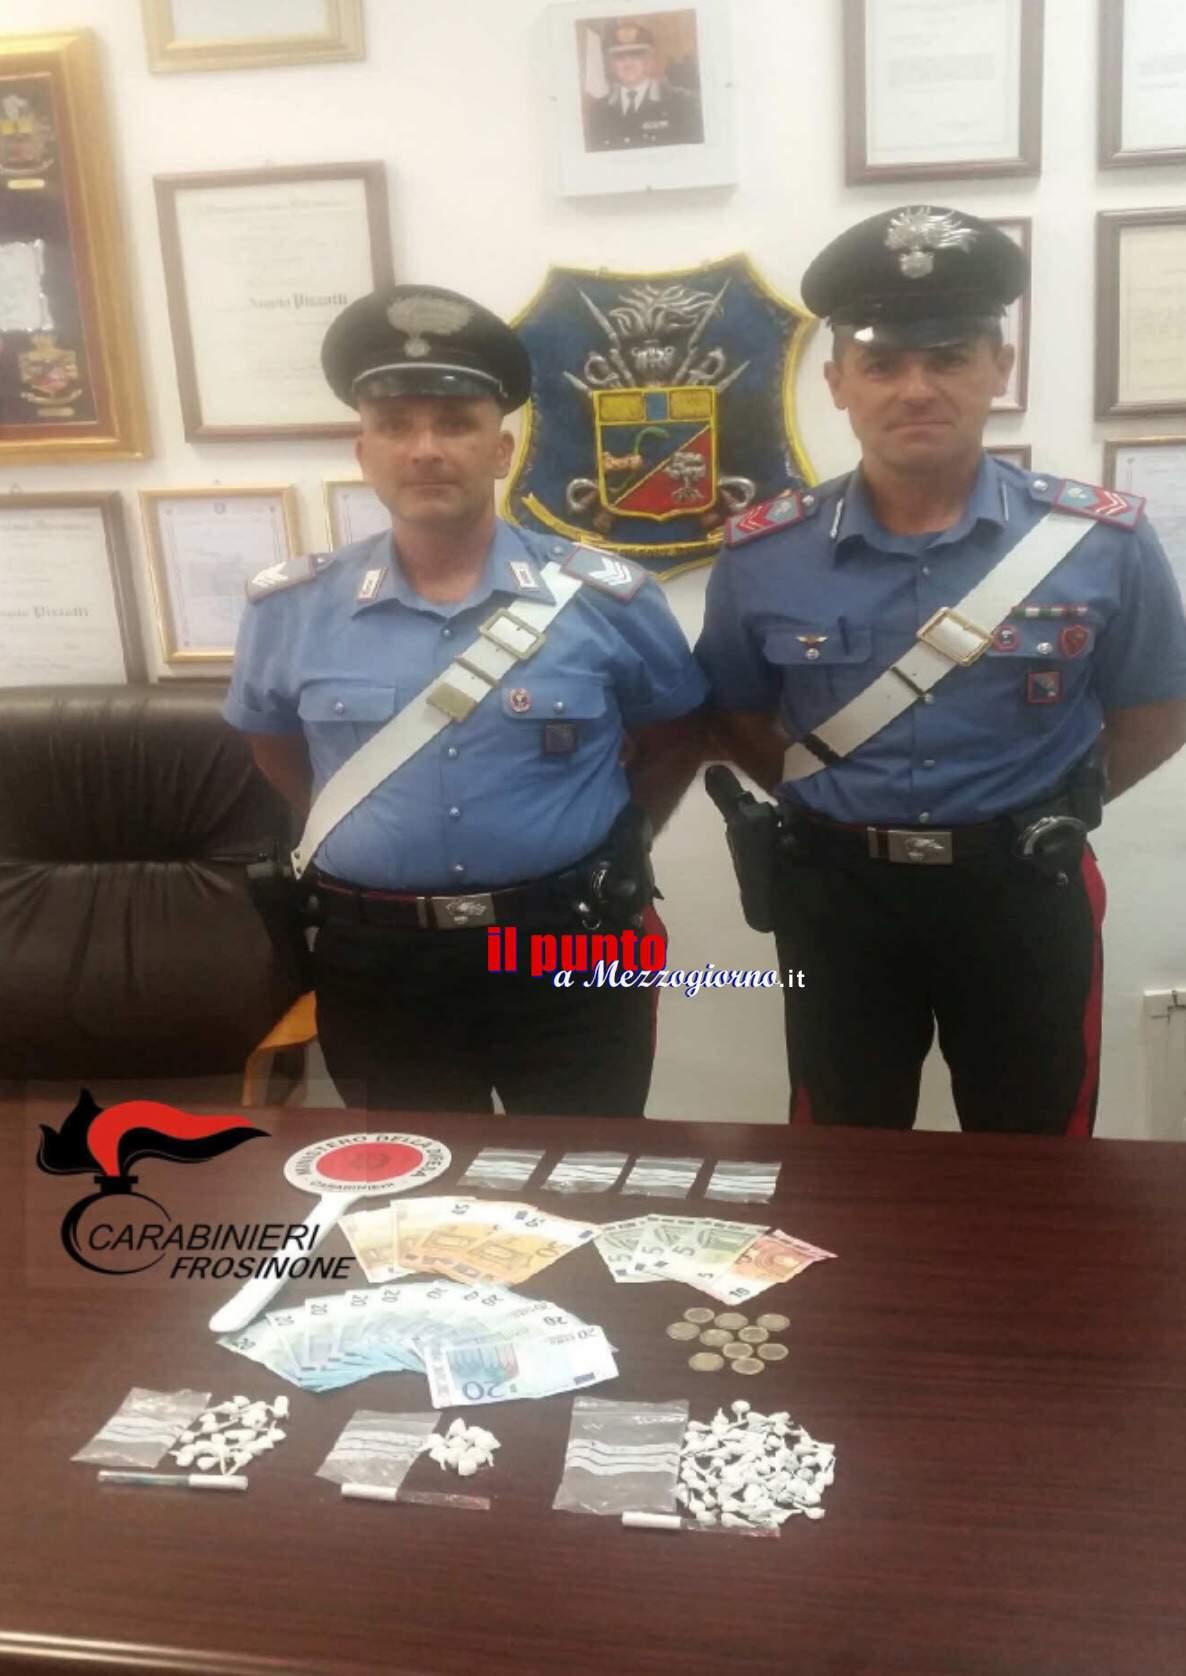 Sorpreso con 100 dosi tra cocaina e hashish, arrestato 21enne